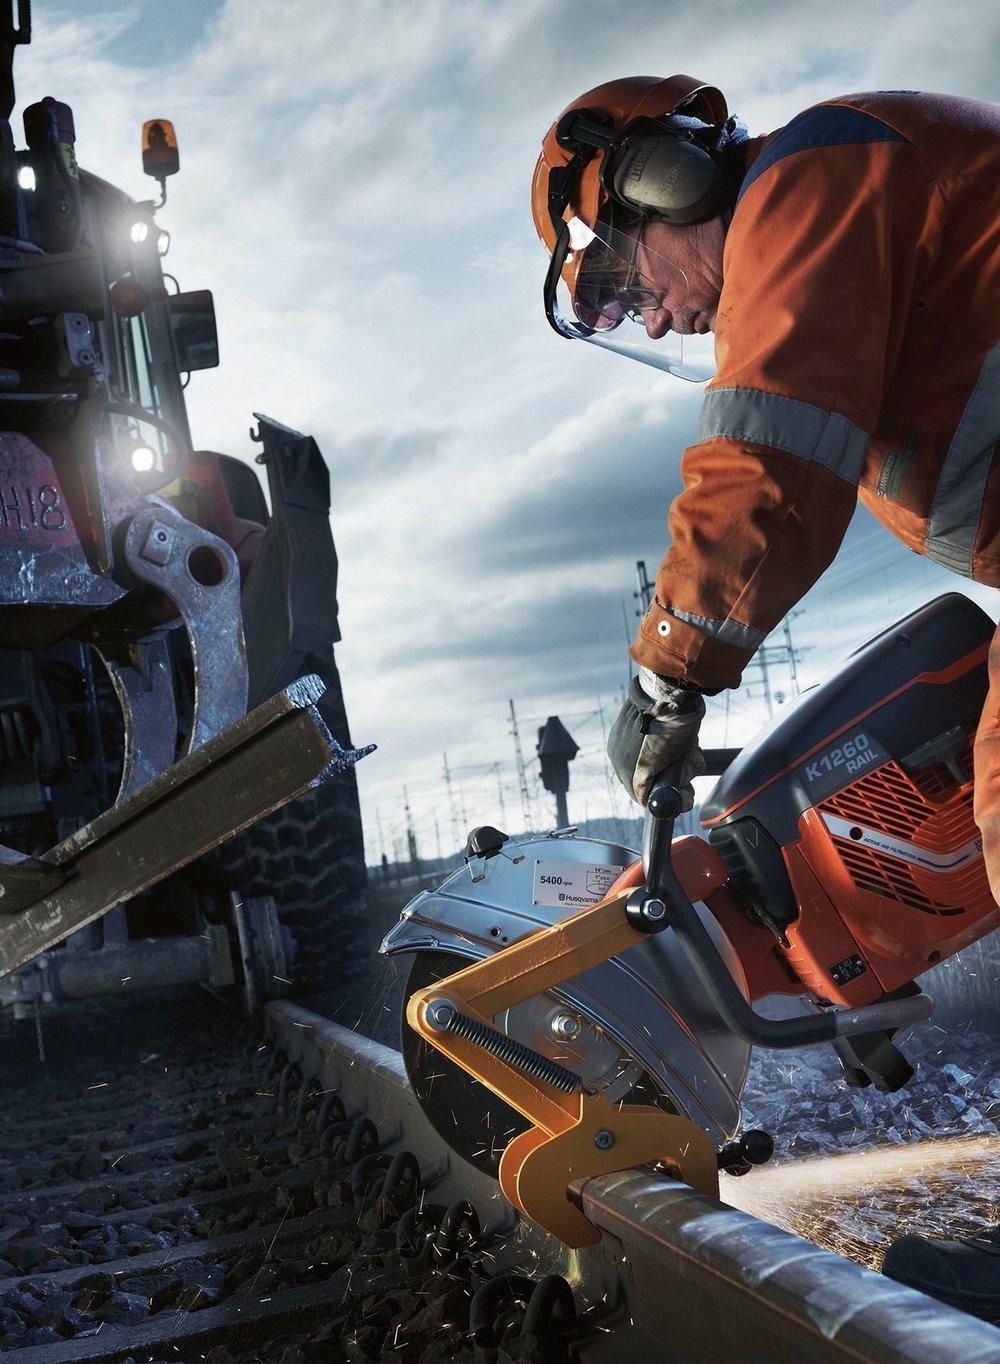 Gas and Hydraulic Rail Saw Cut-Off Wheels Type 1